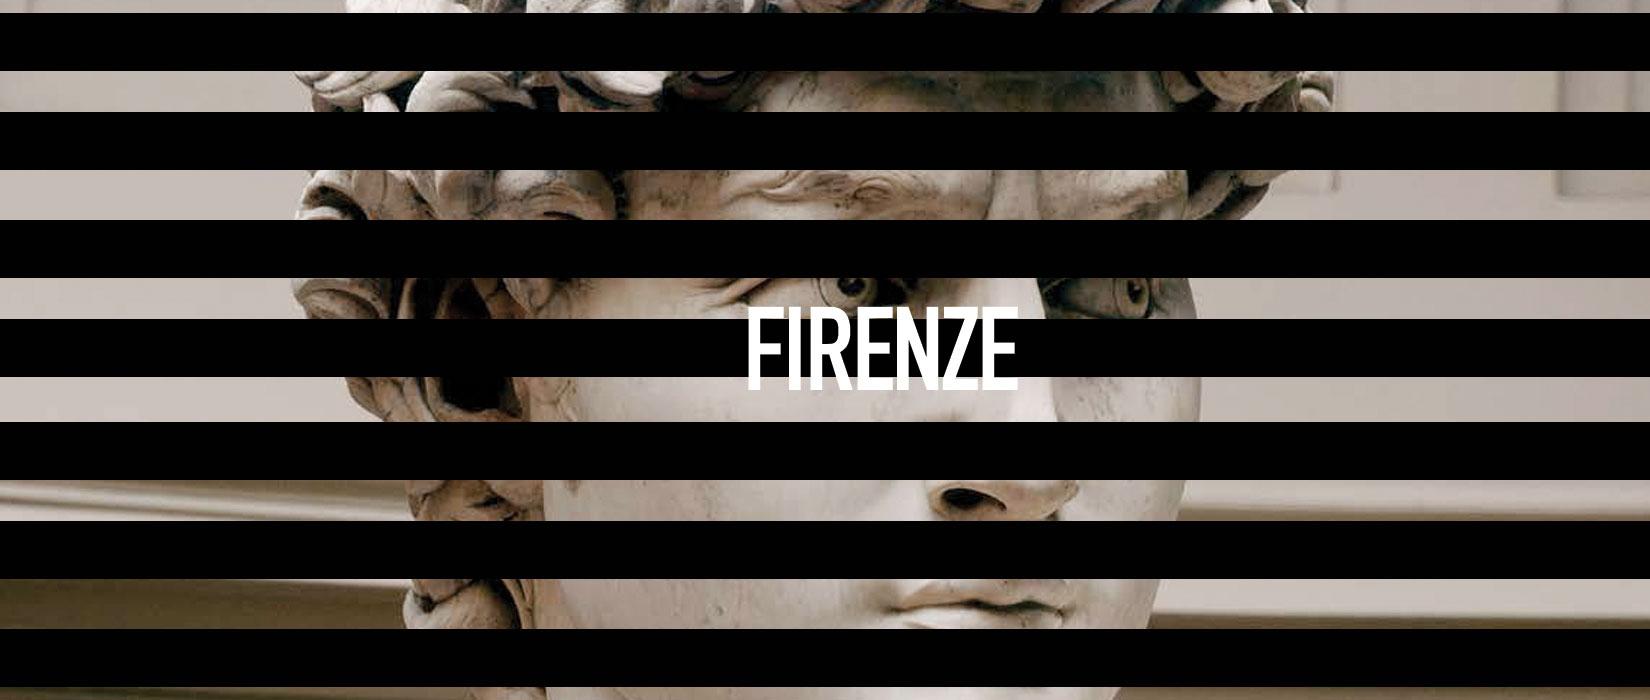 brini_showroom_firenze_abbigliamento_brand